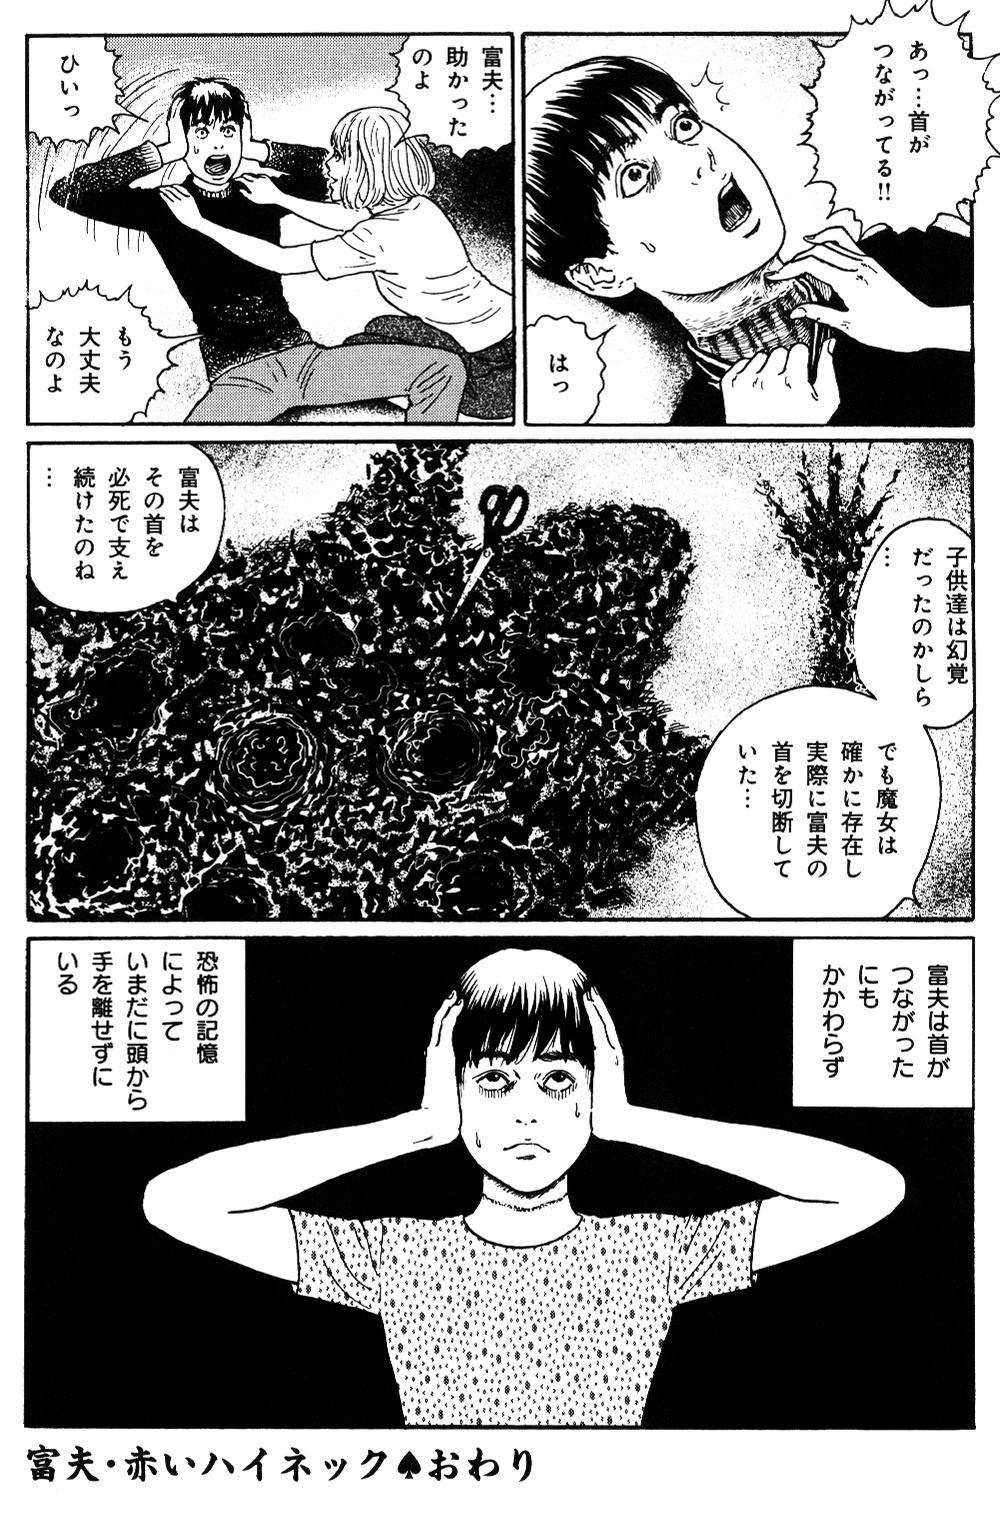 魔の断片 第3話「富夫・赤いハイネック」③jisen07-11.jpg